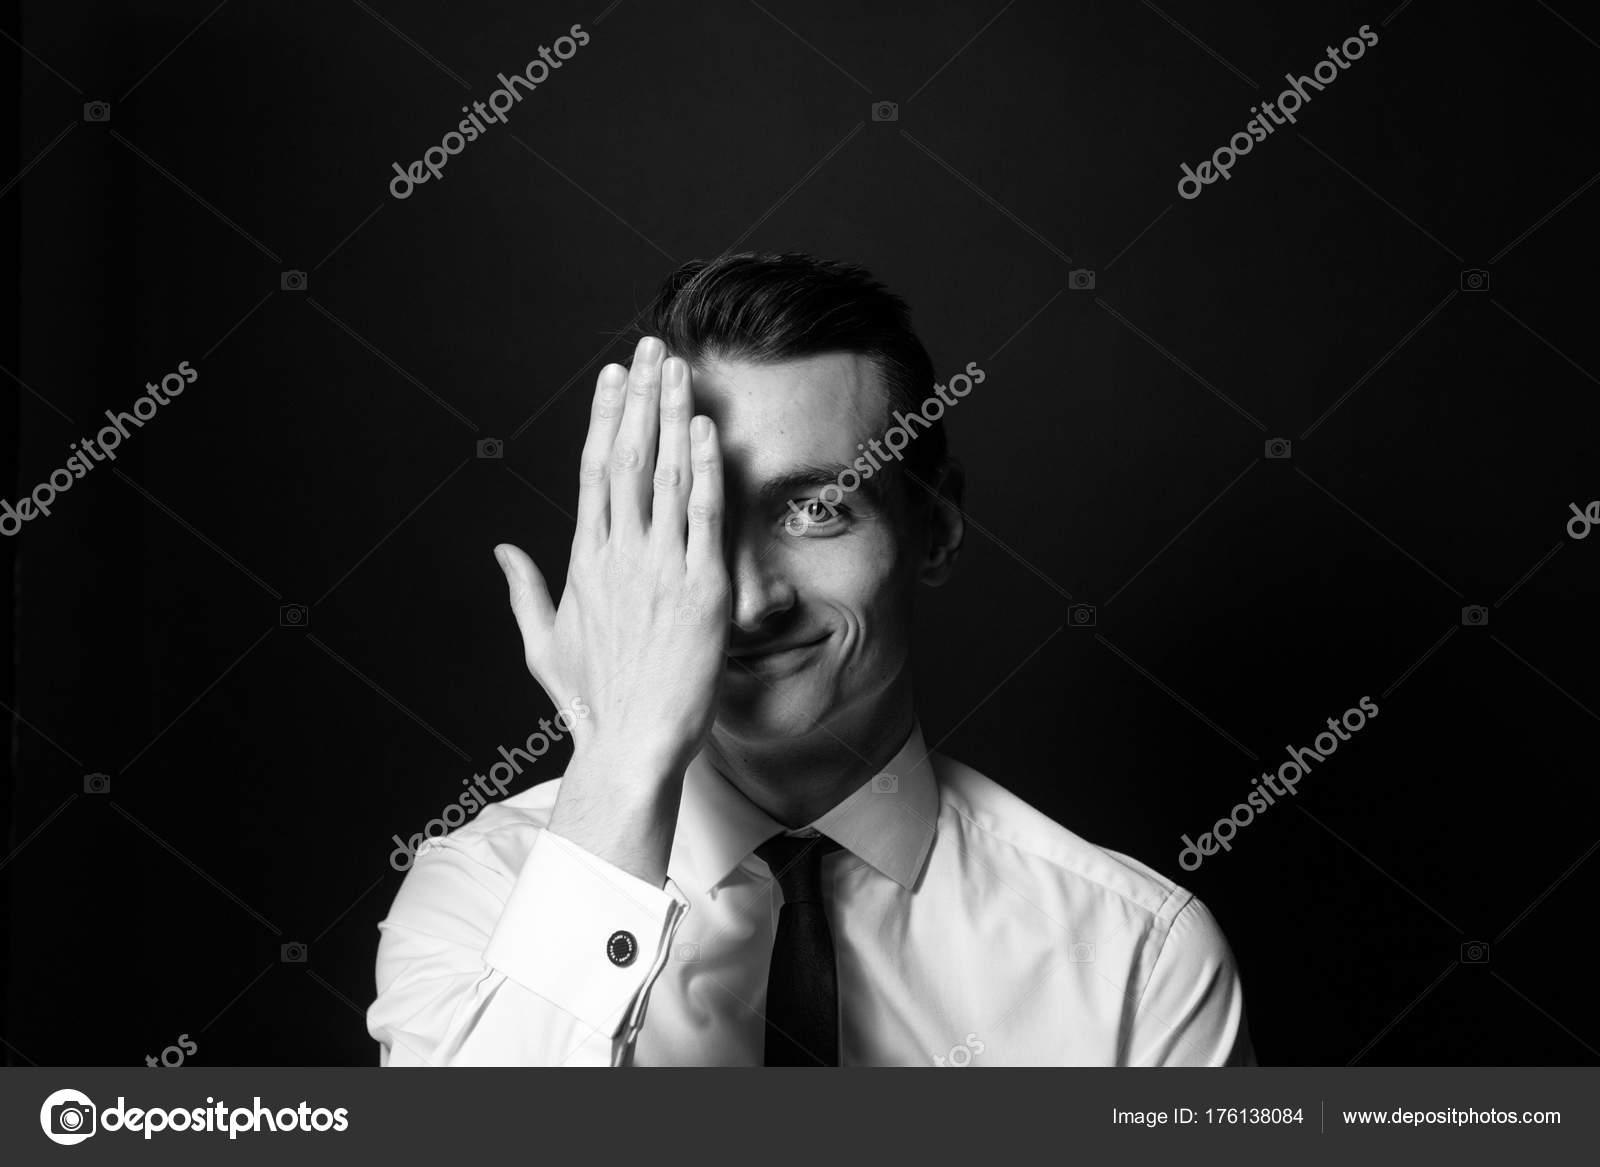 cedda6aef7a5 Schwarz Weiß Porträt Eines Jungen Mannes Ein Weißes Hemd Und — Stockfoto